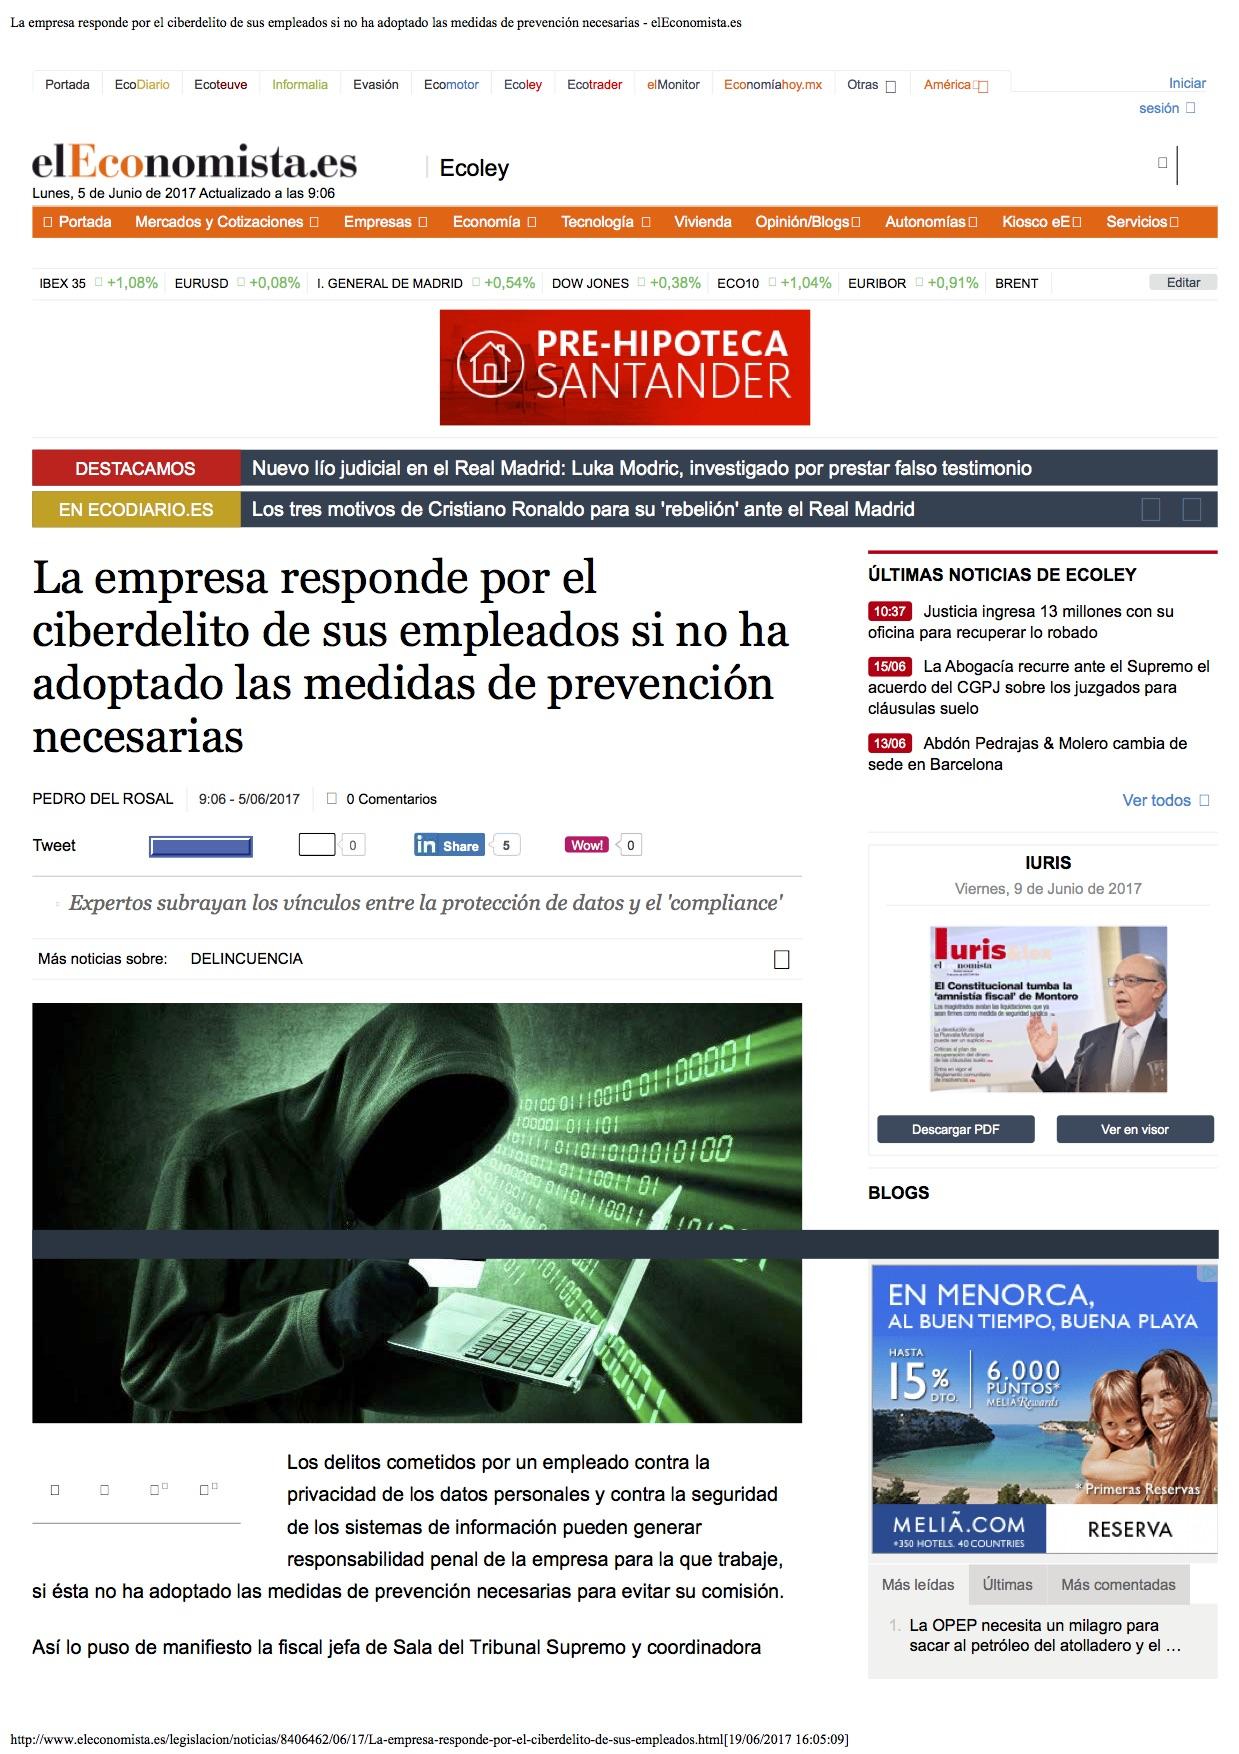 La empresa responde por el ciberdelito de sus empleados si no ha adoptado las medidas de prevención necesarias - elEconomista.es-2_1339